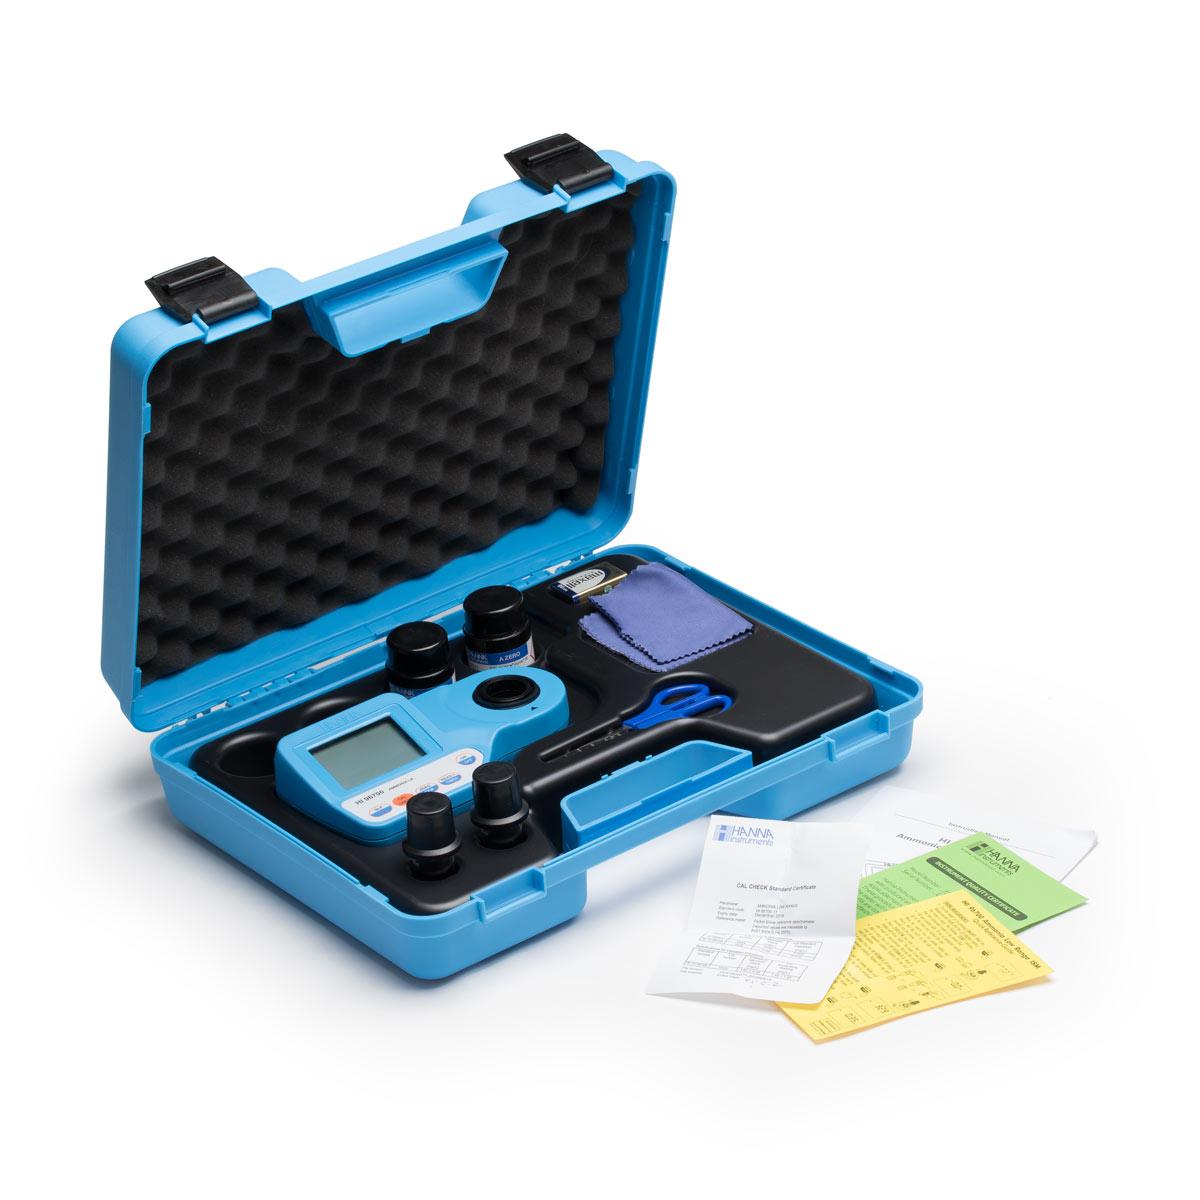 HI96705 - Silika Düşük Aralıklı Taşınabilir Fotometre